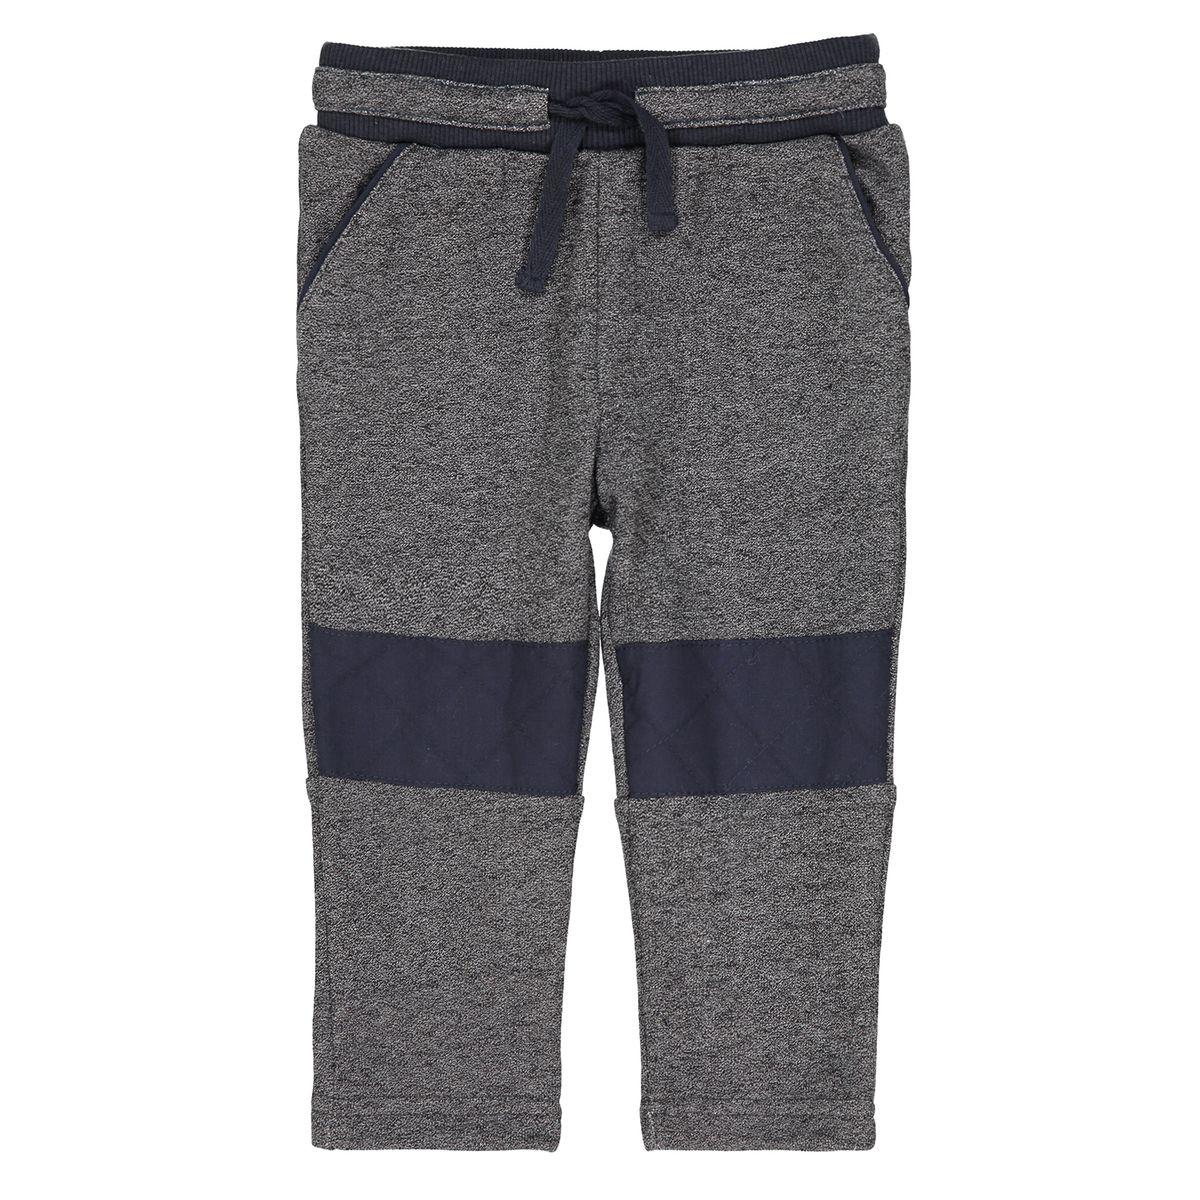 Pantalon chiné en molleton 1 mois -3 ans